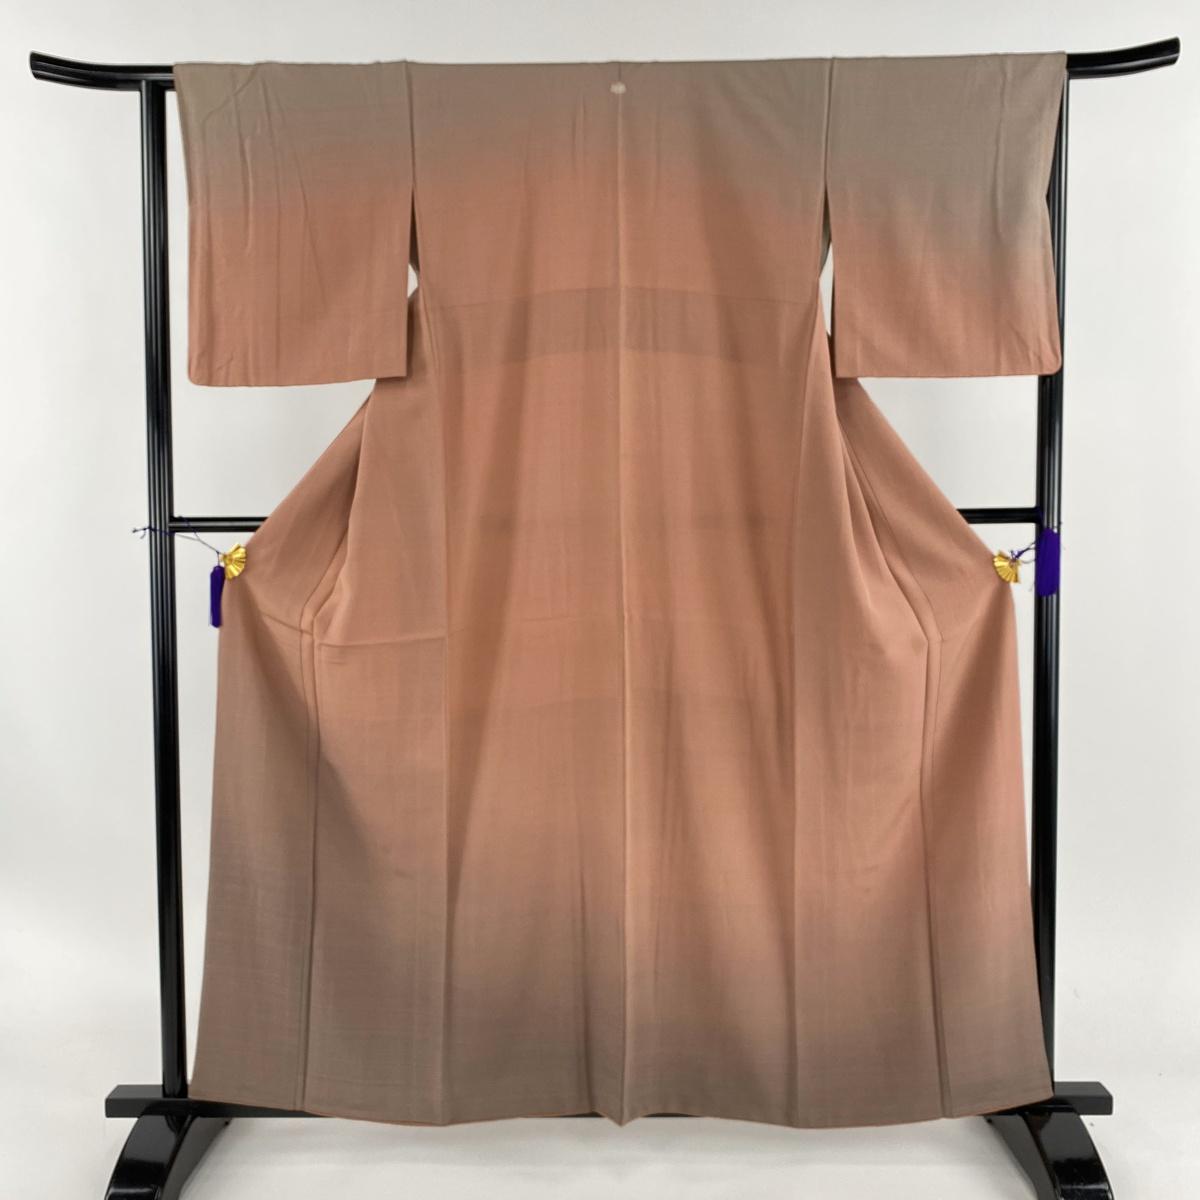 付下げ 美品 秀品 一つ紋 ぼかし 小豆色 袷 身丈159.5cm 裄丈64.5cm M 正絹 【中古】